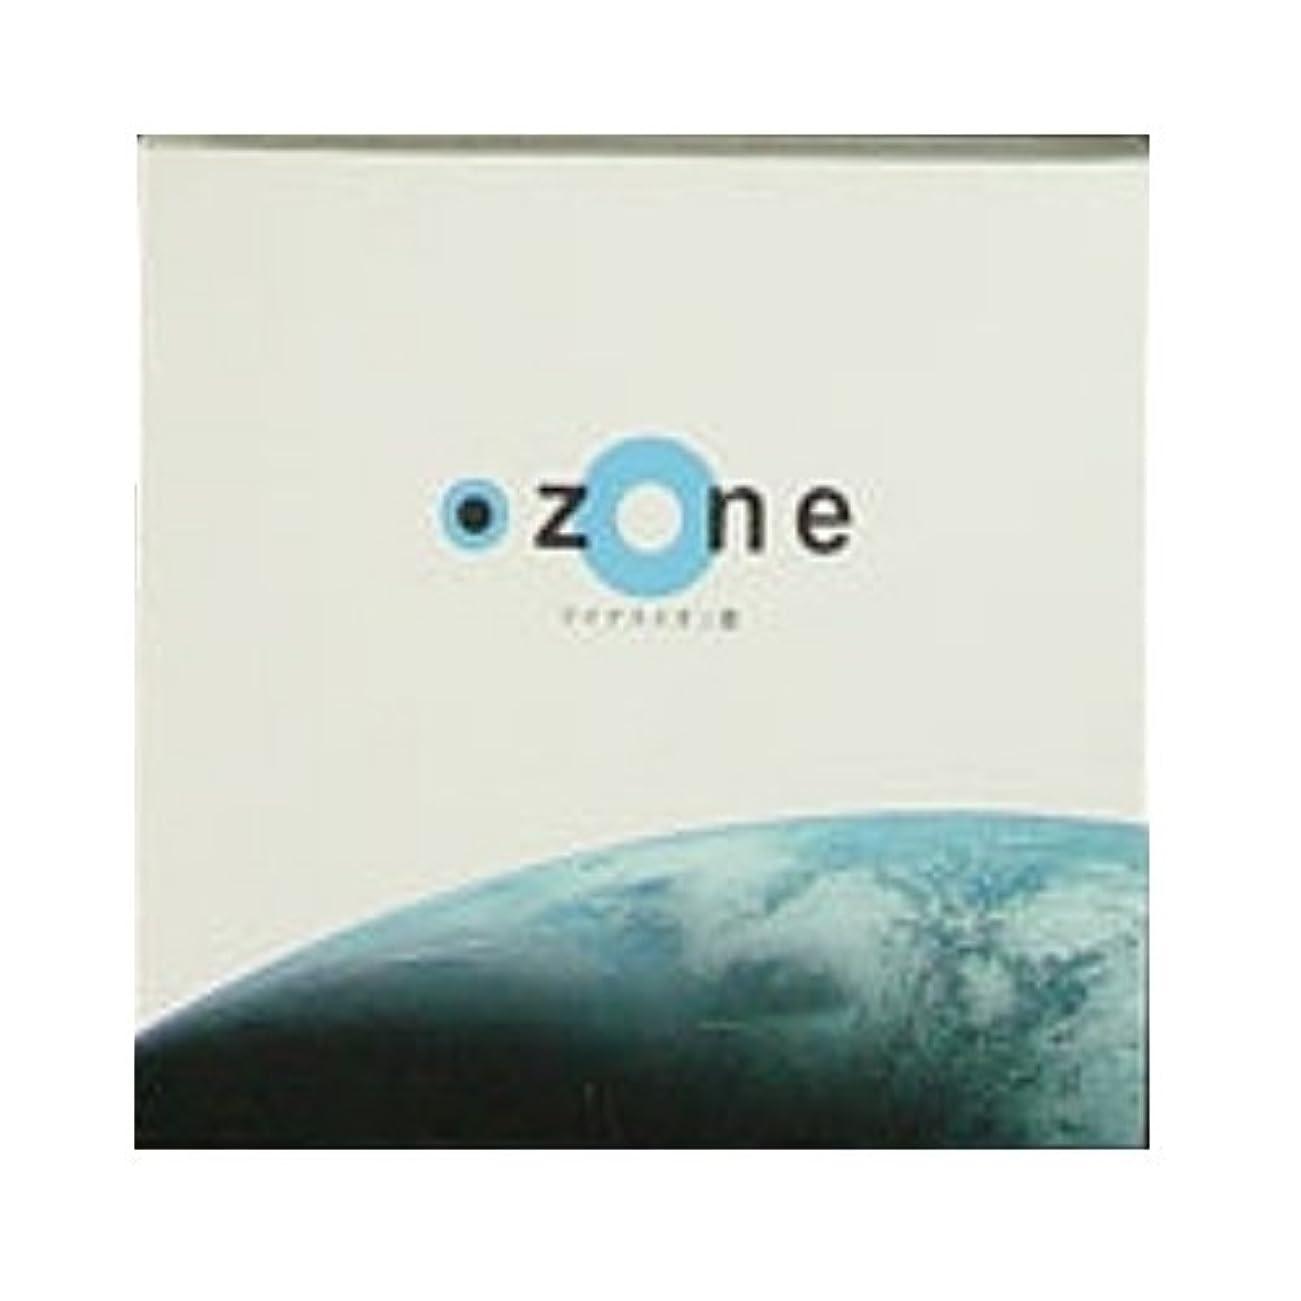 準備した最も早い主観的悠々庵 OZONE 箱型 ウルトラマリン